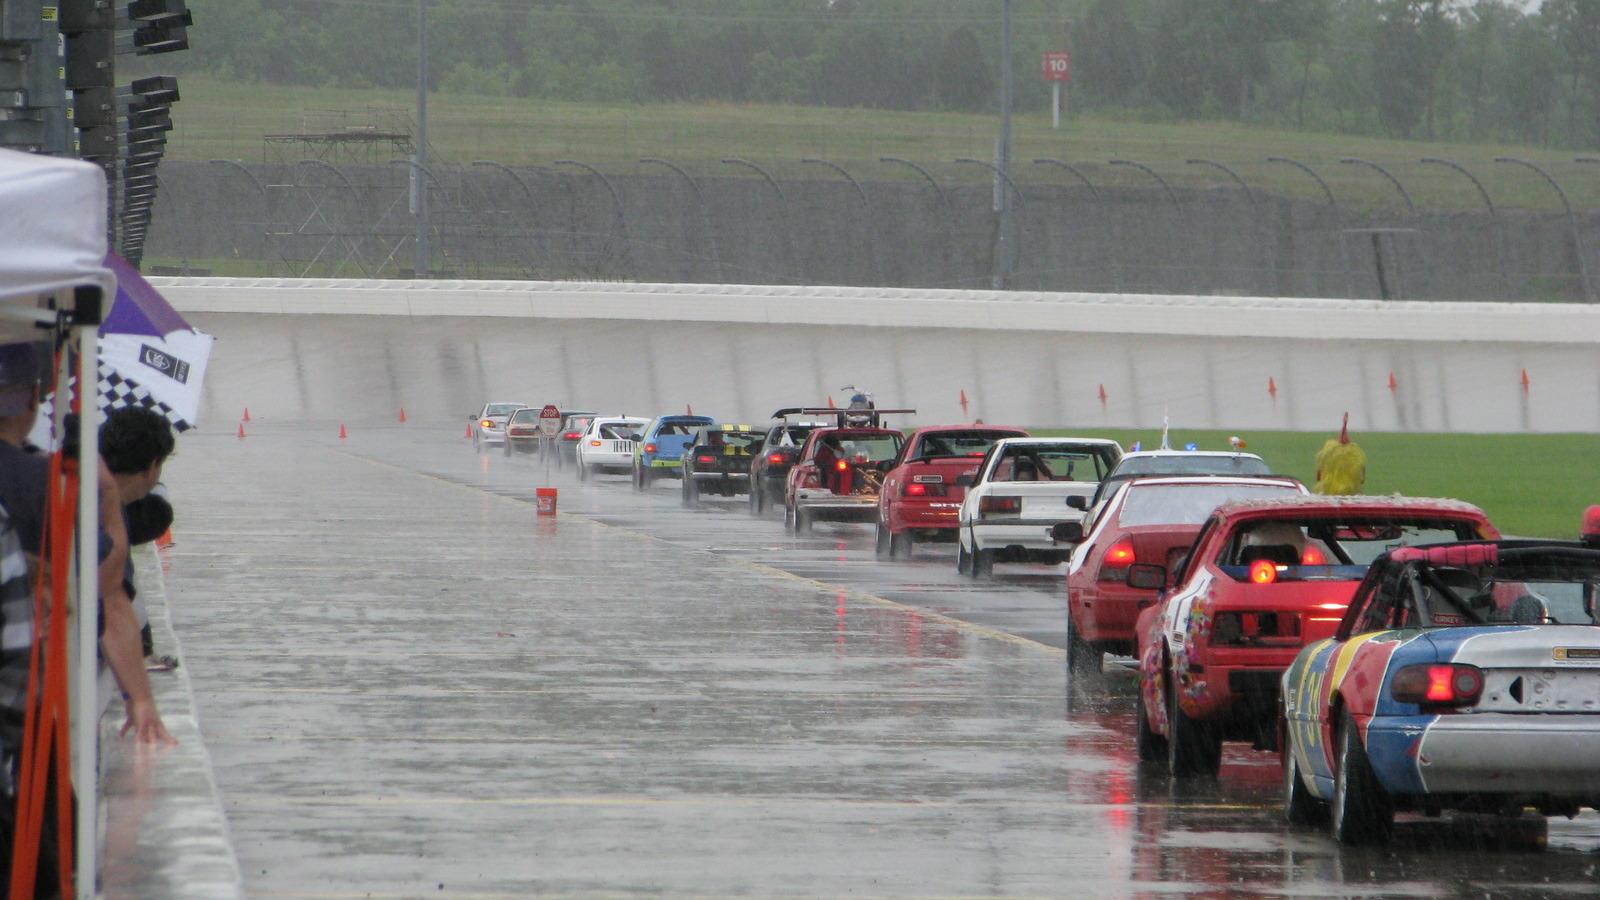 2010 Chumpcar Nashville Superspeedway, Round 1